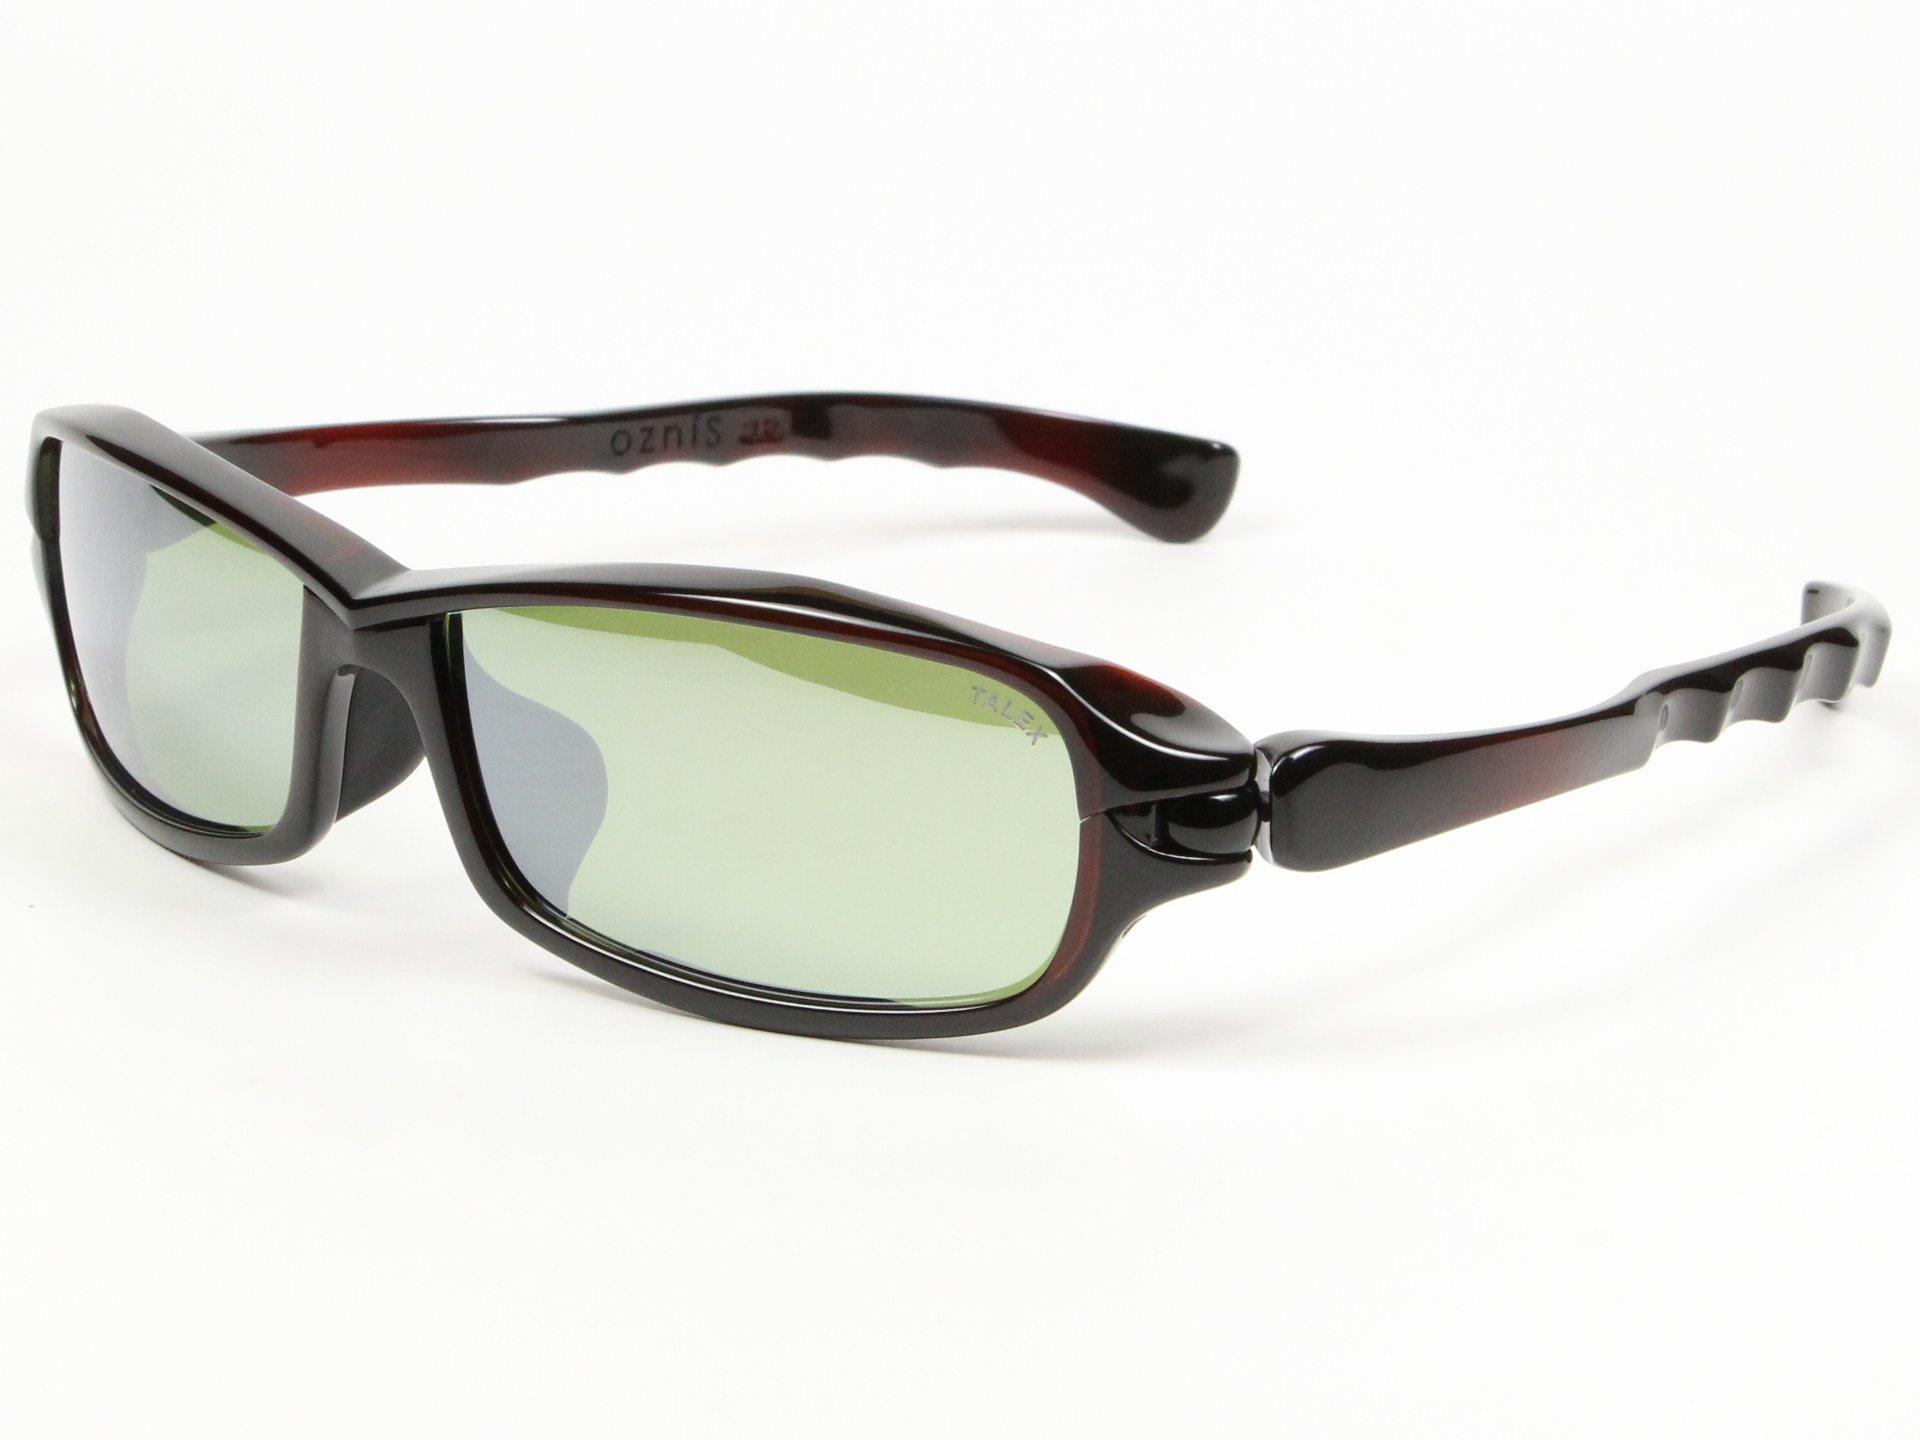 TALEX(タレックス)度なしサングラス製作例 OZNIS 9B01(オズニス・ナインボール01)